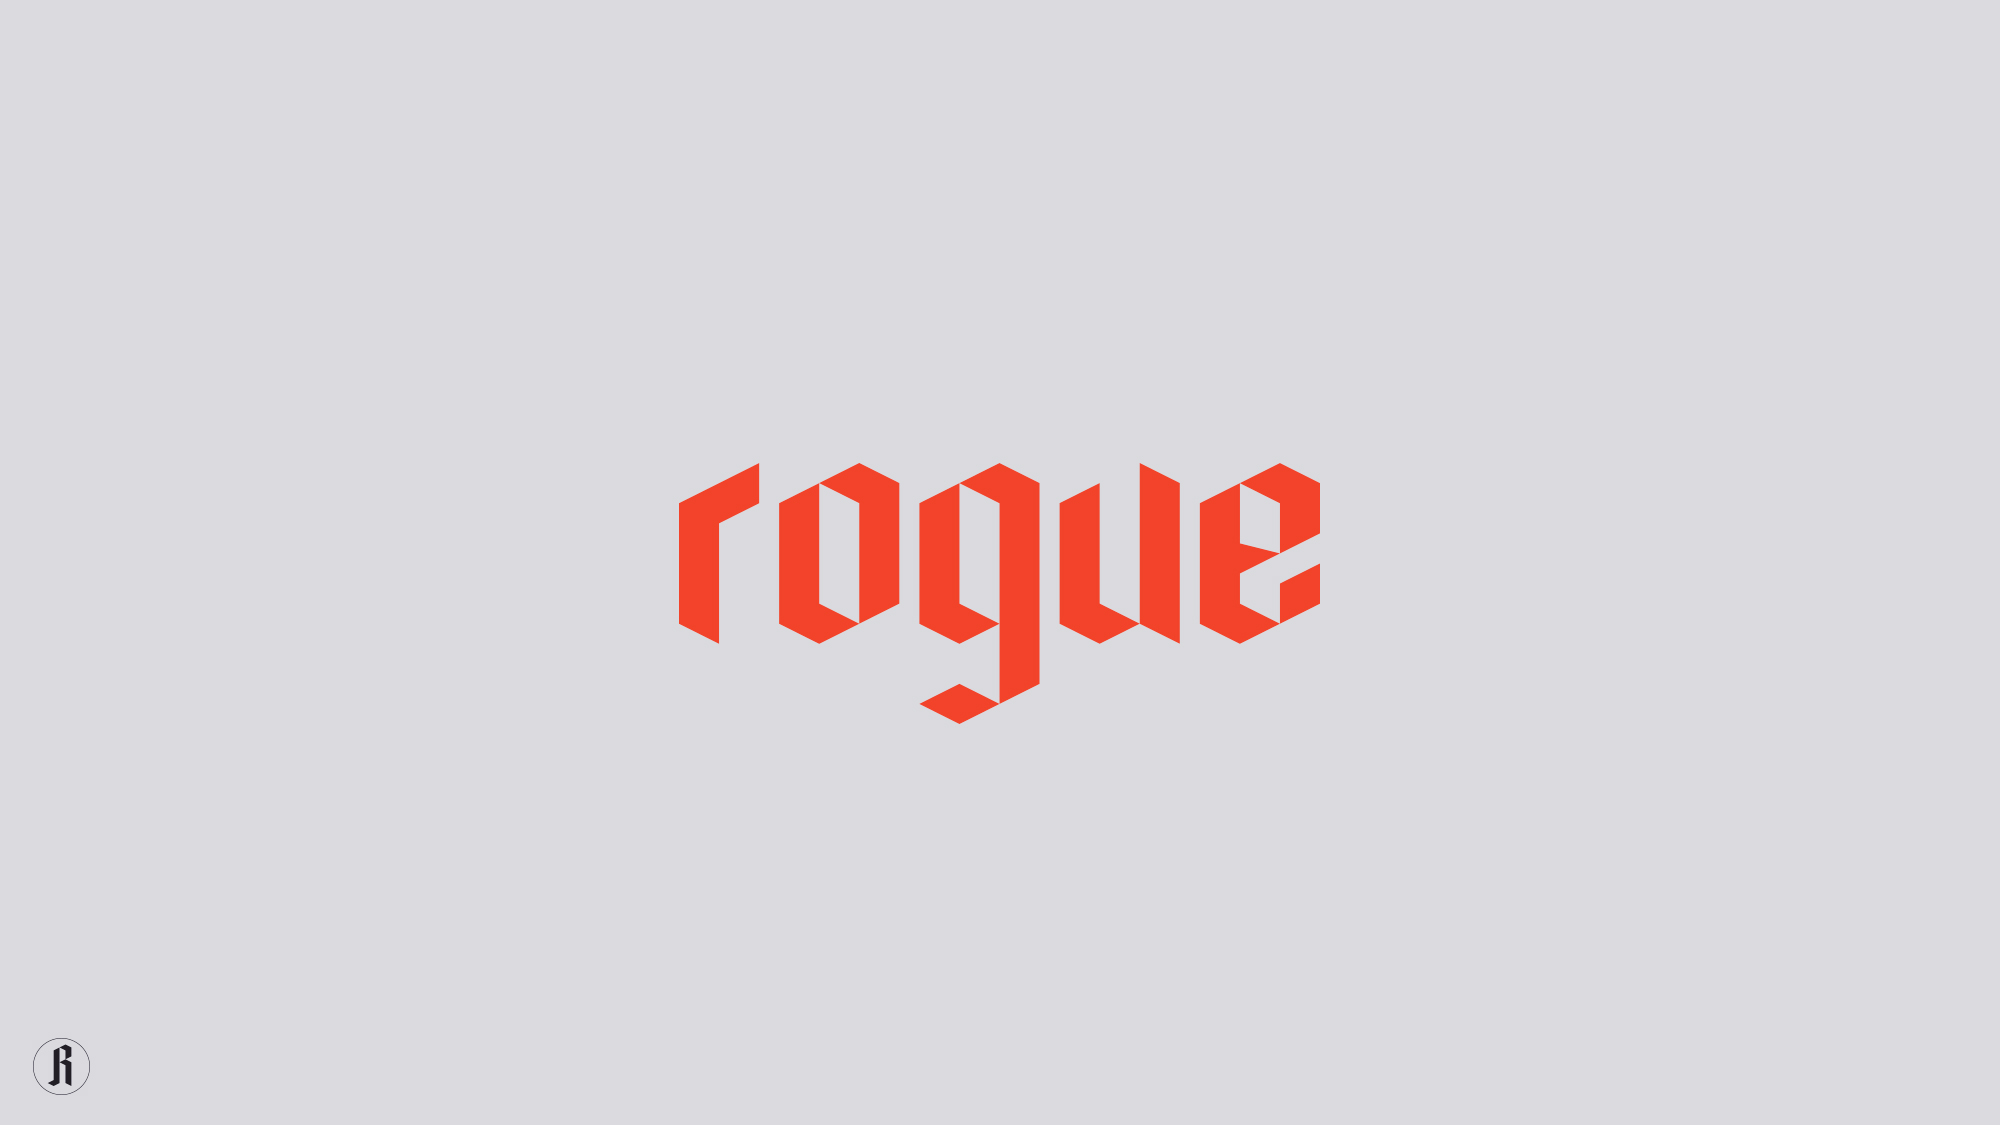 Edgar Kirei - Rogue2.jpg